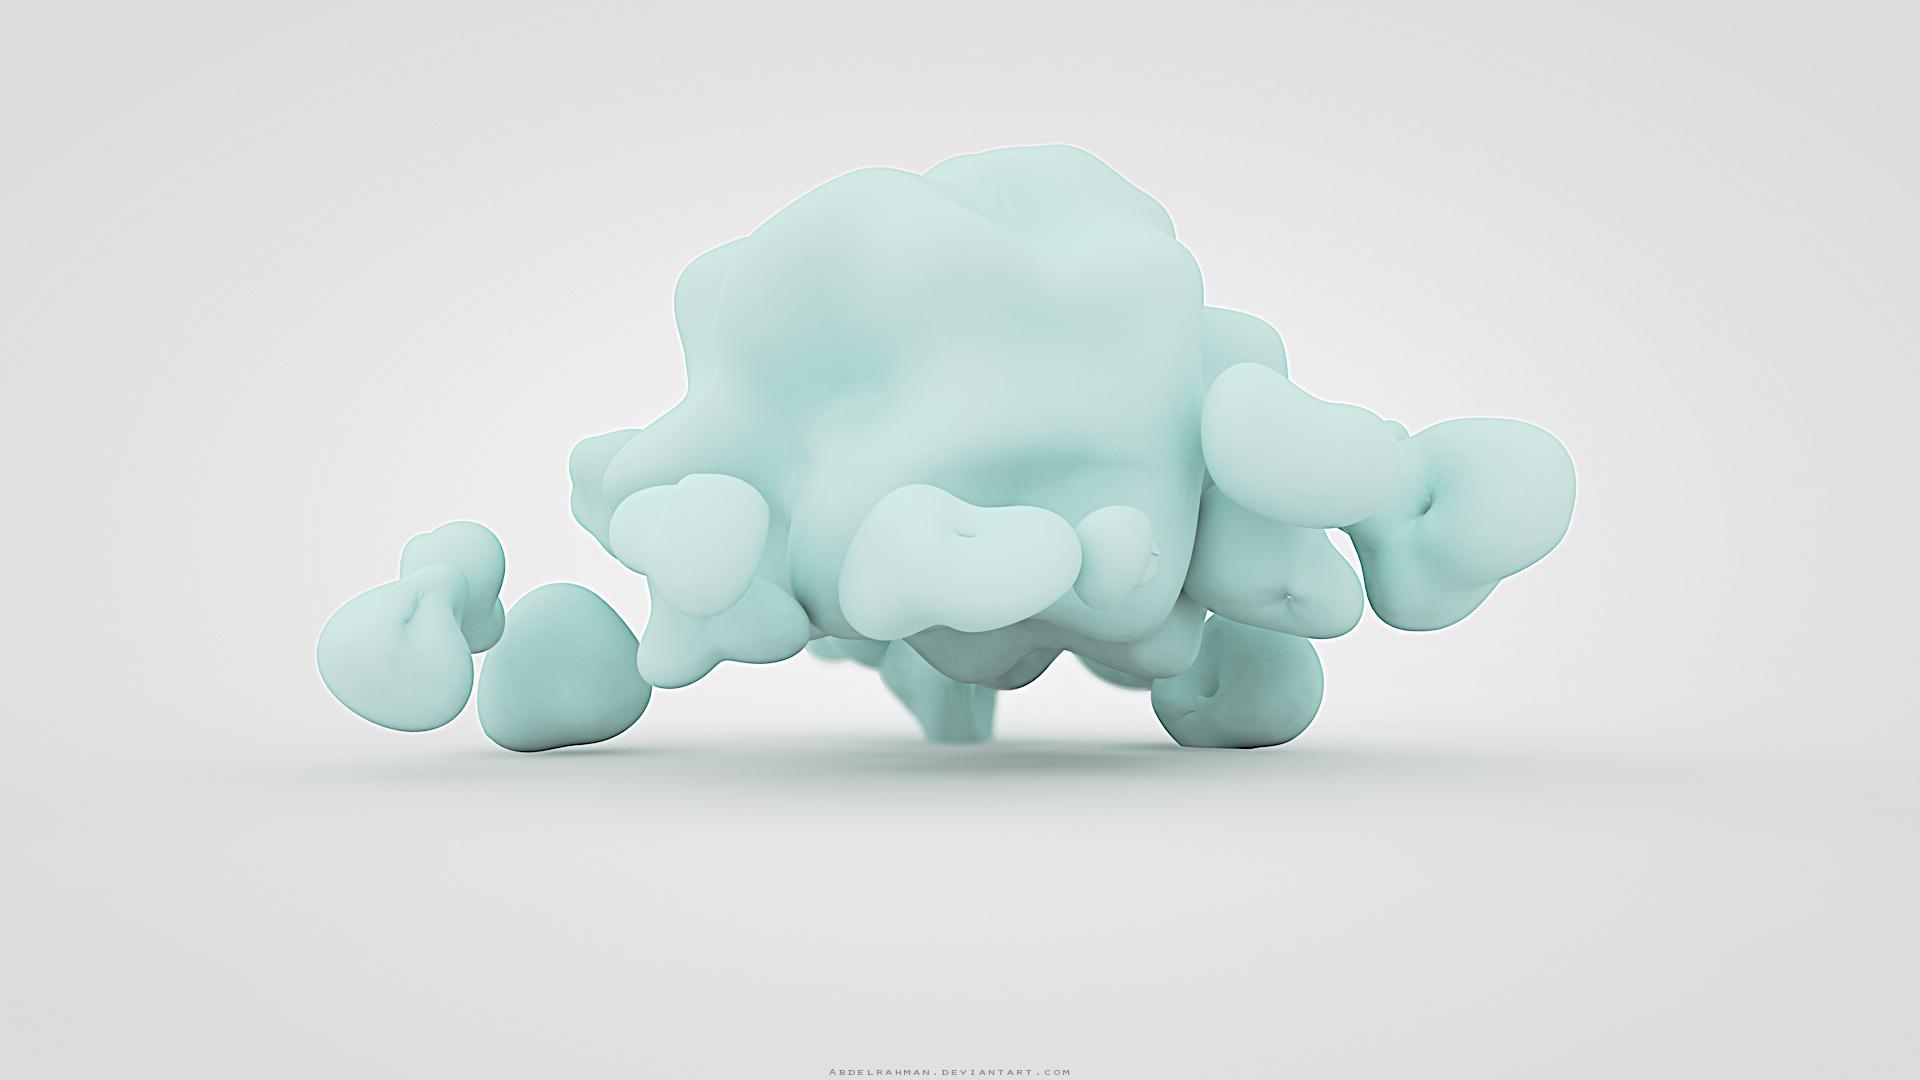 Float by abdelrahman